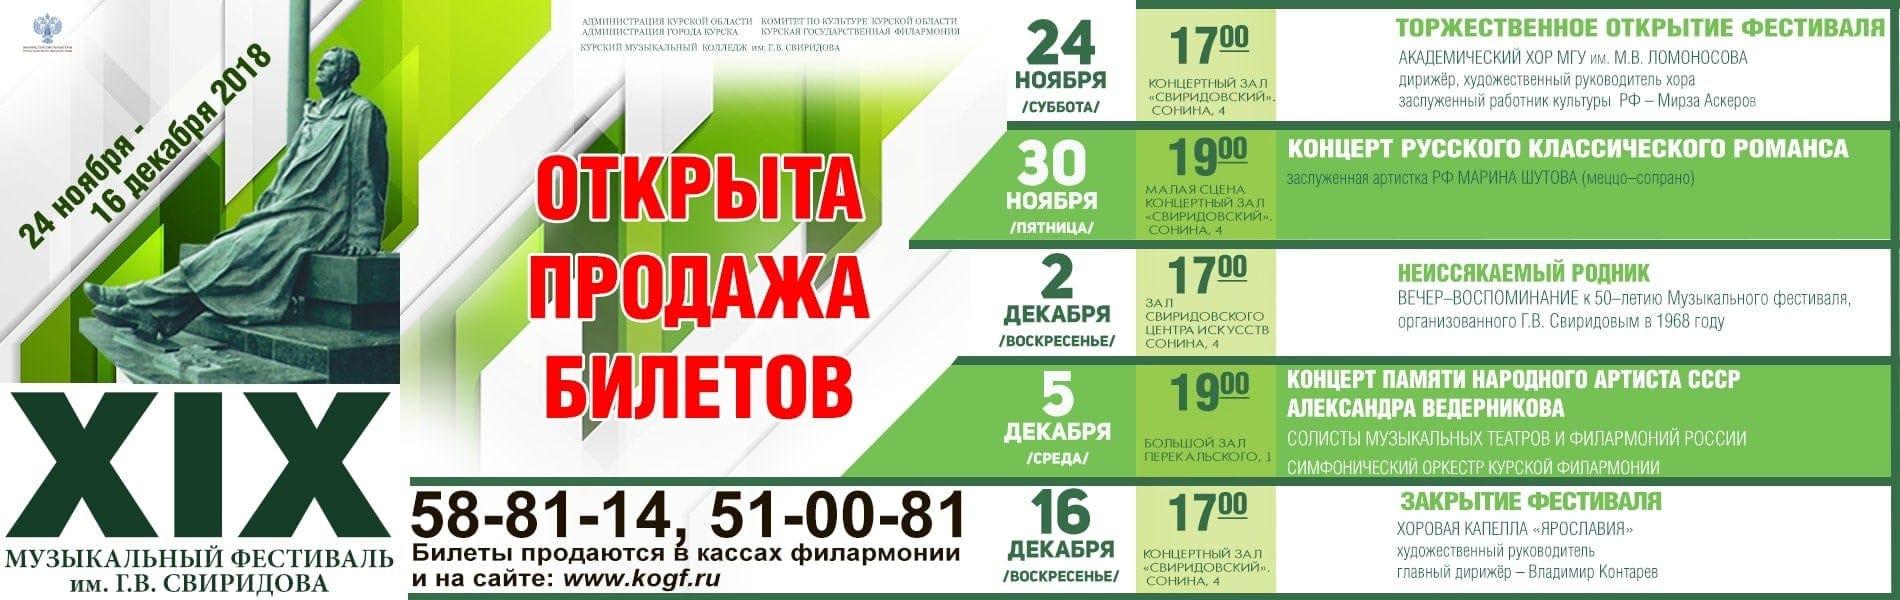 Фестиваль имени Свиридова пройдет в Курске